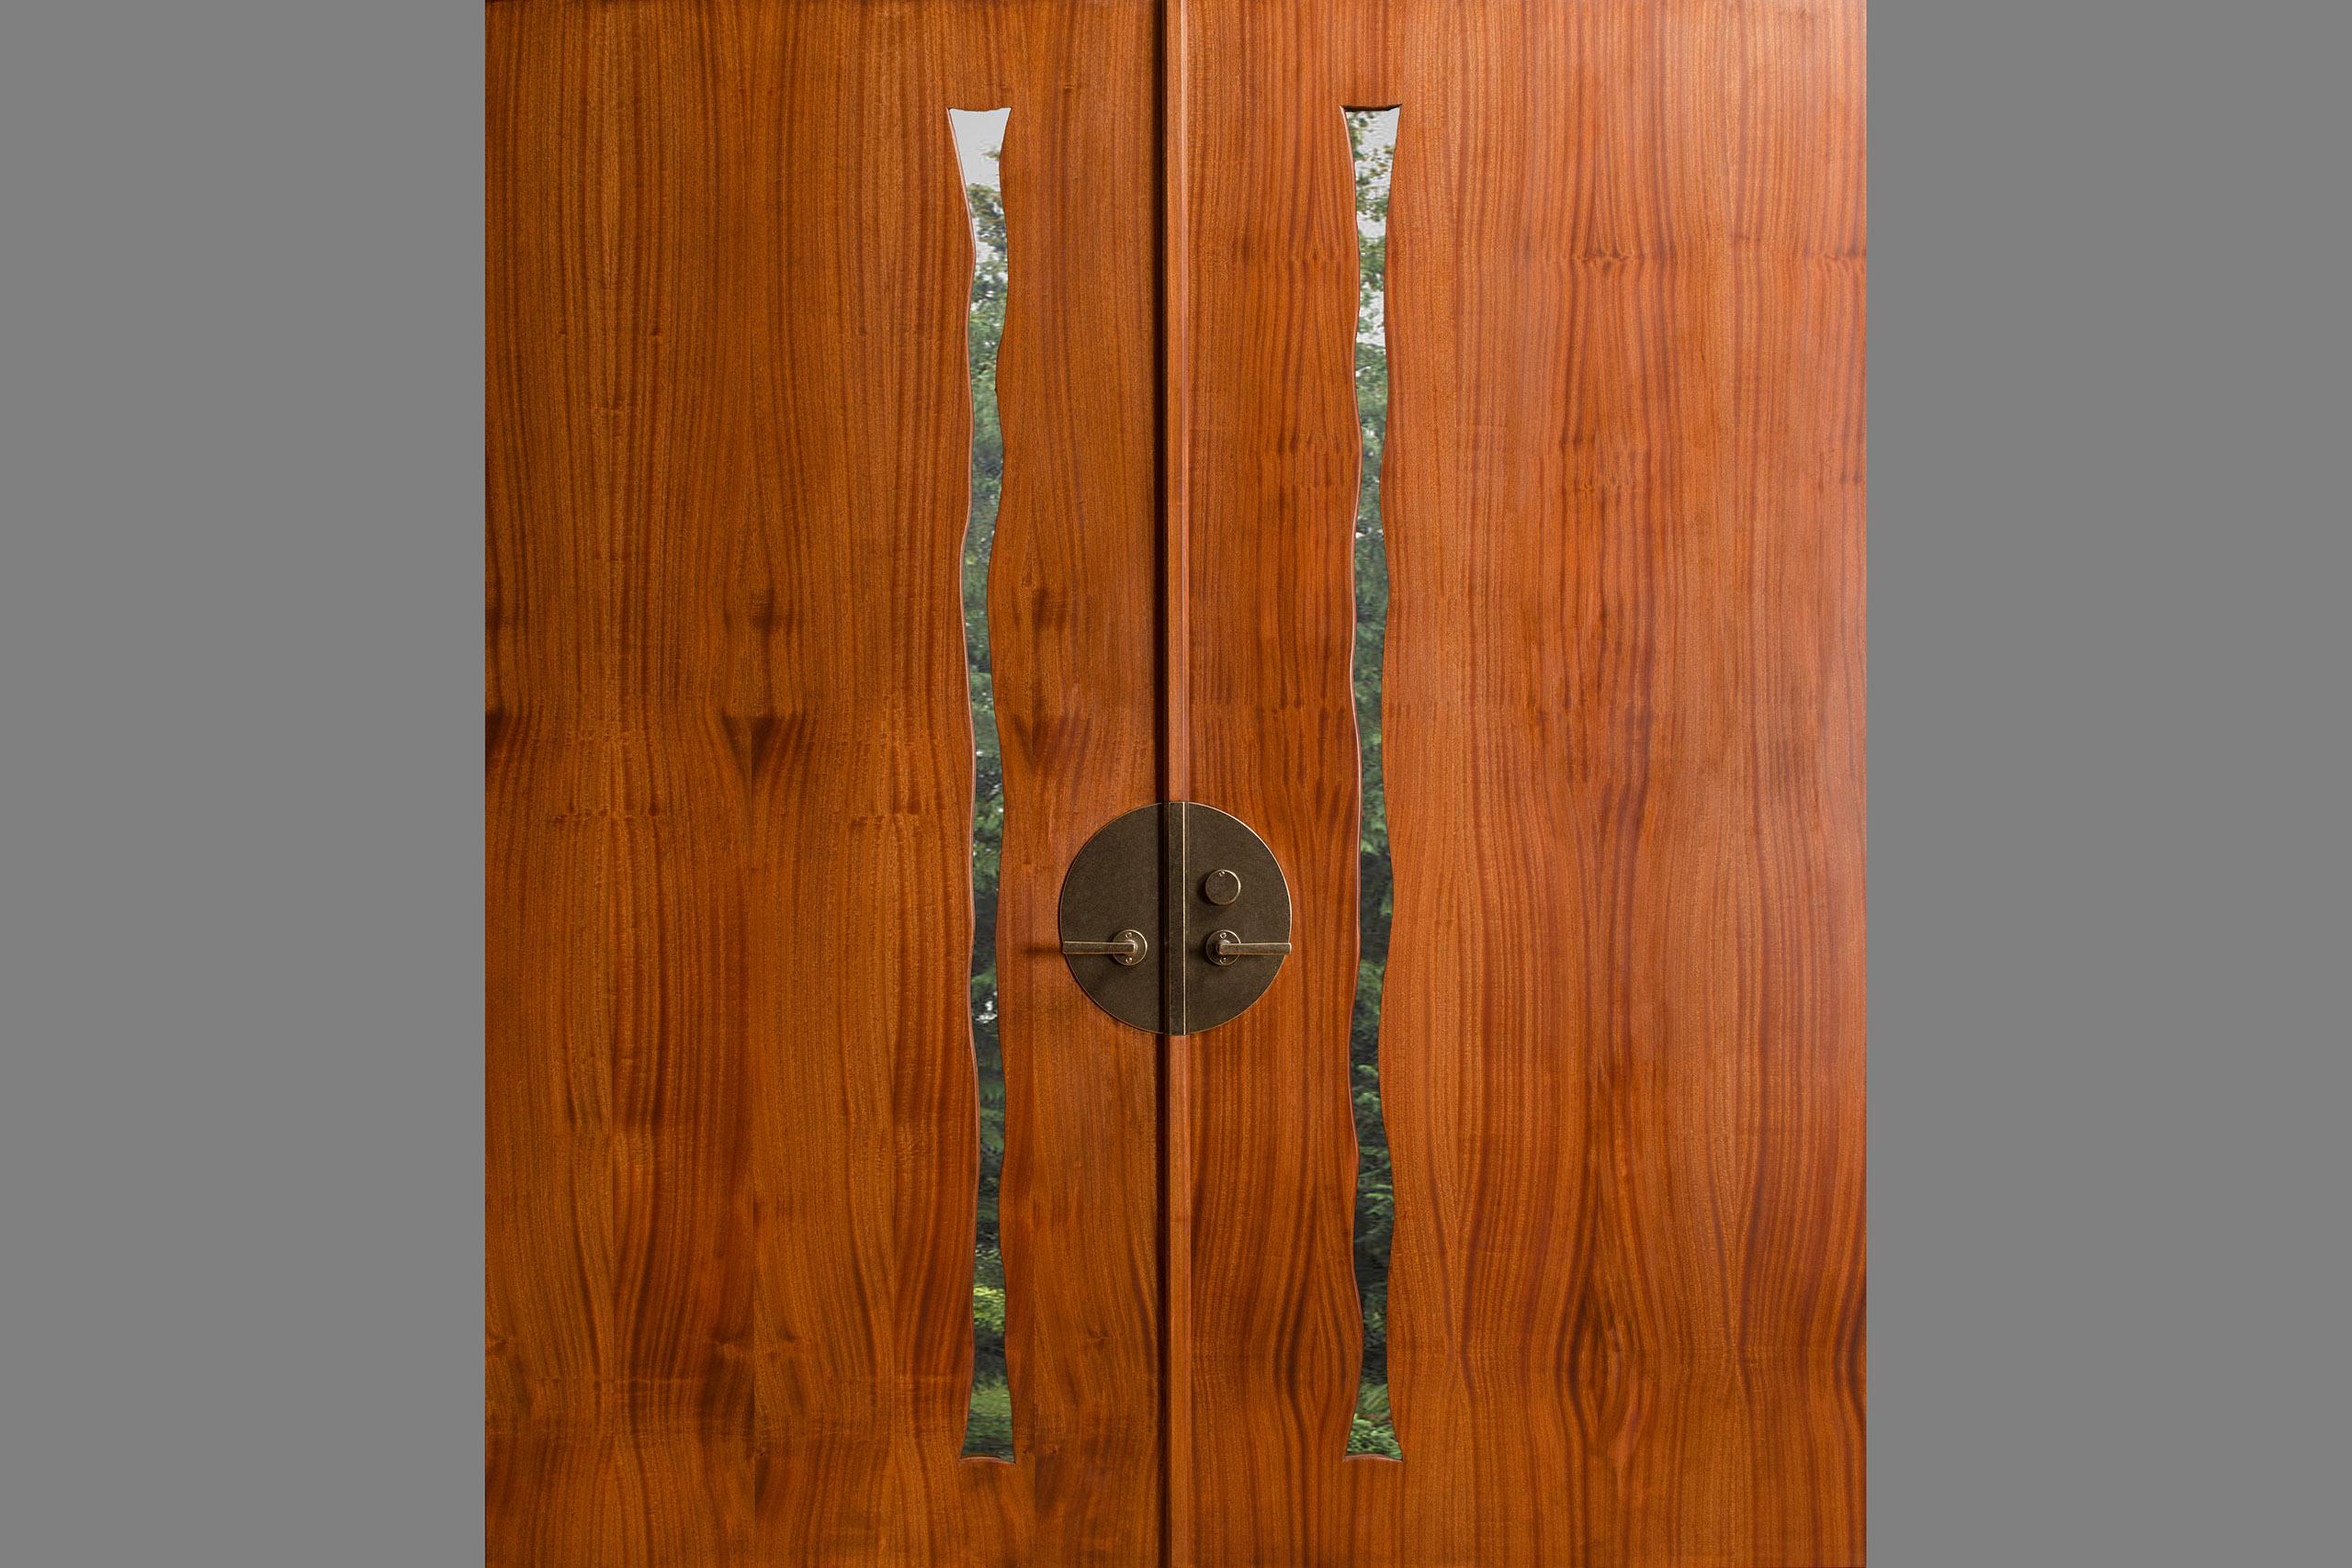 Cascade Double Door & Cascade Door | Fine Wood Furniture - Seth Rolland